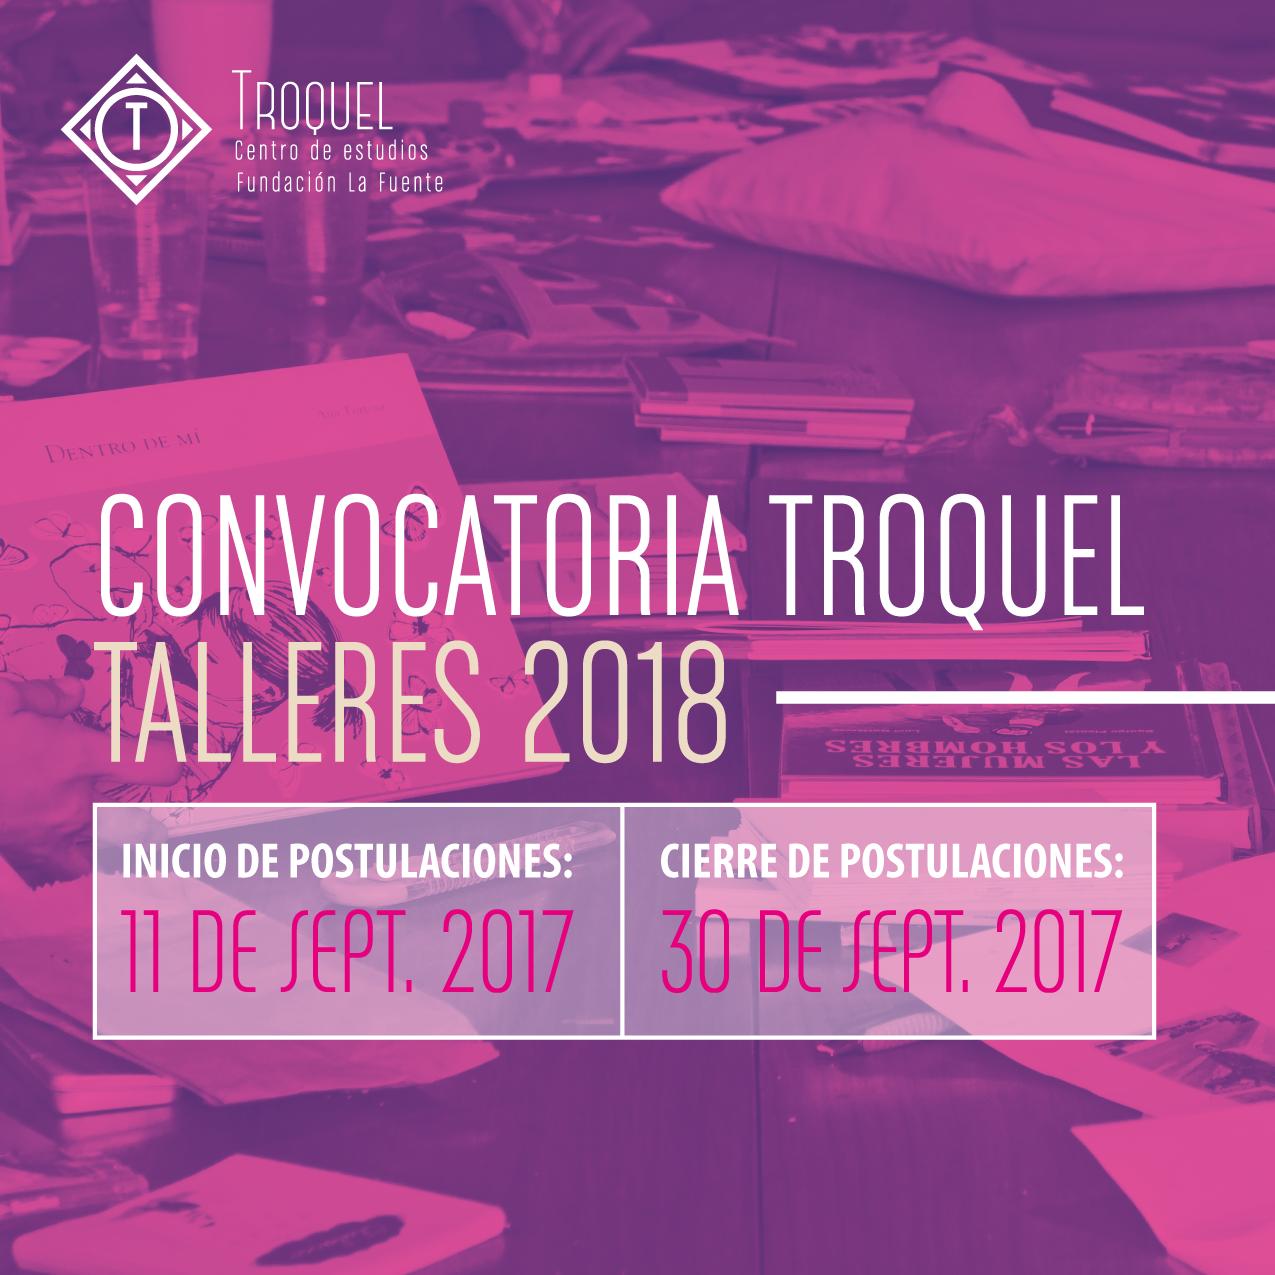 Convocatoria talleristas Troquel 2018